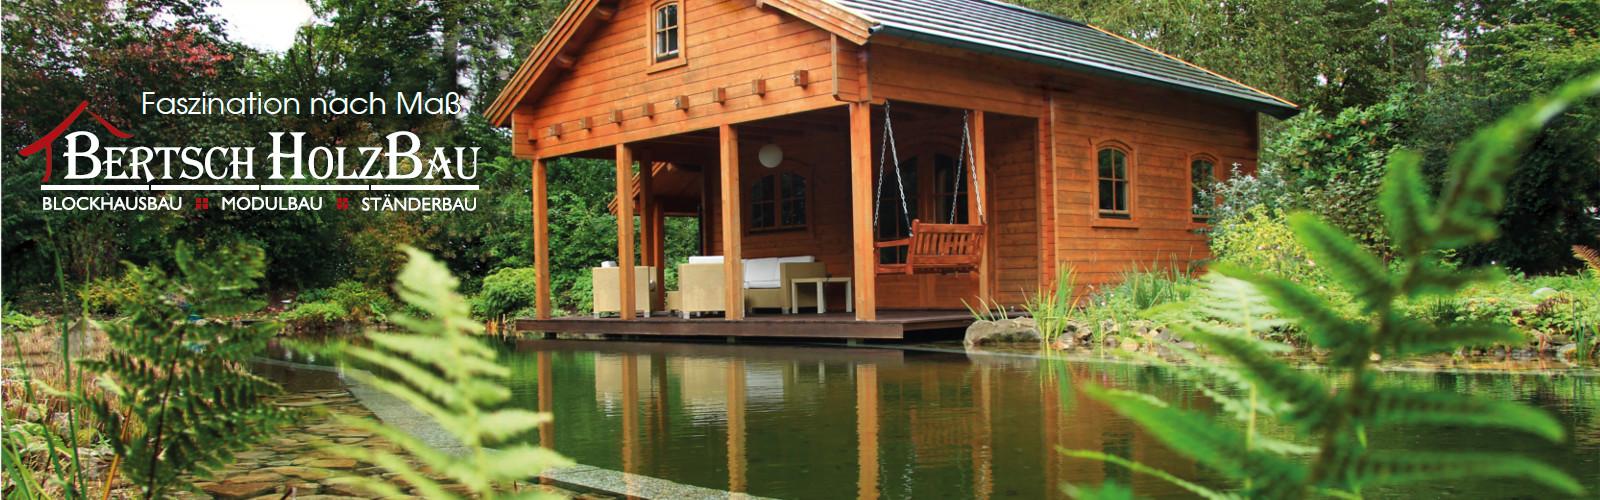 Bertsch Holzbau: Ihre persönliche Gartenhaus Idee im Fokus – SAUERLAND